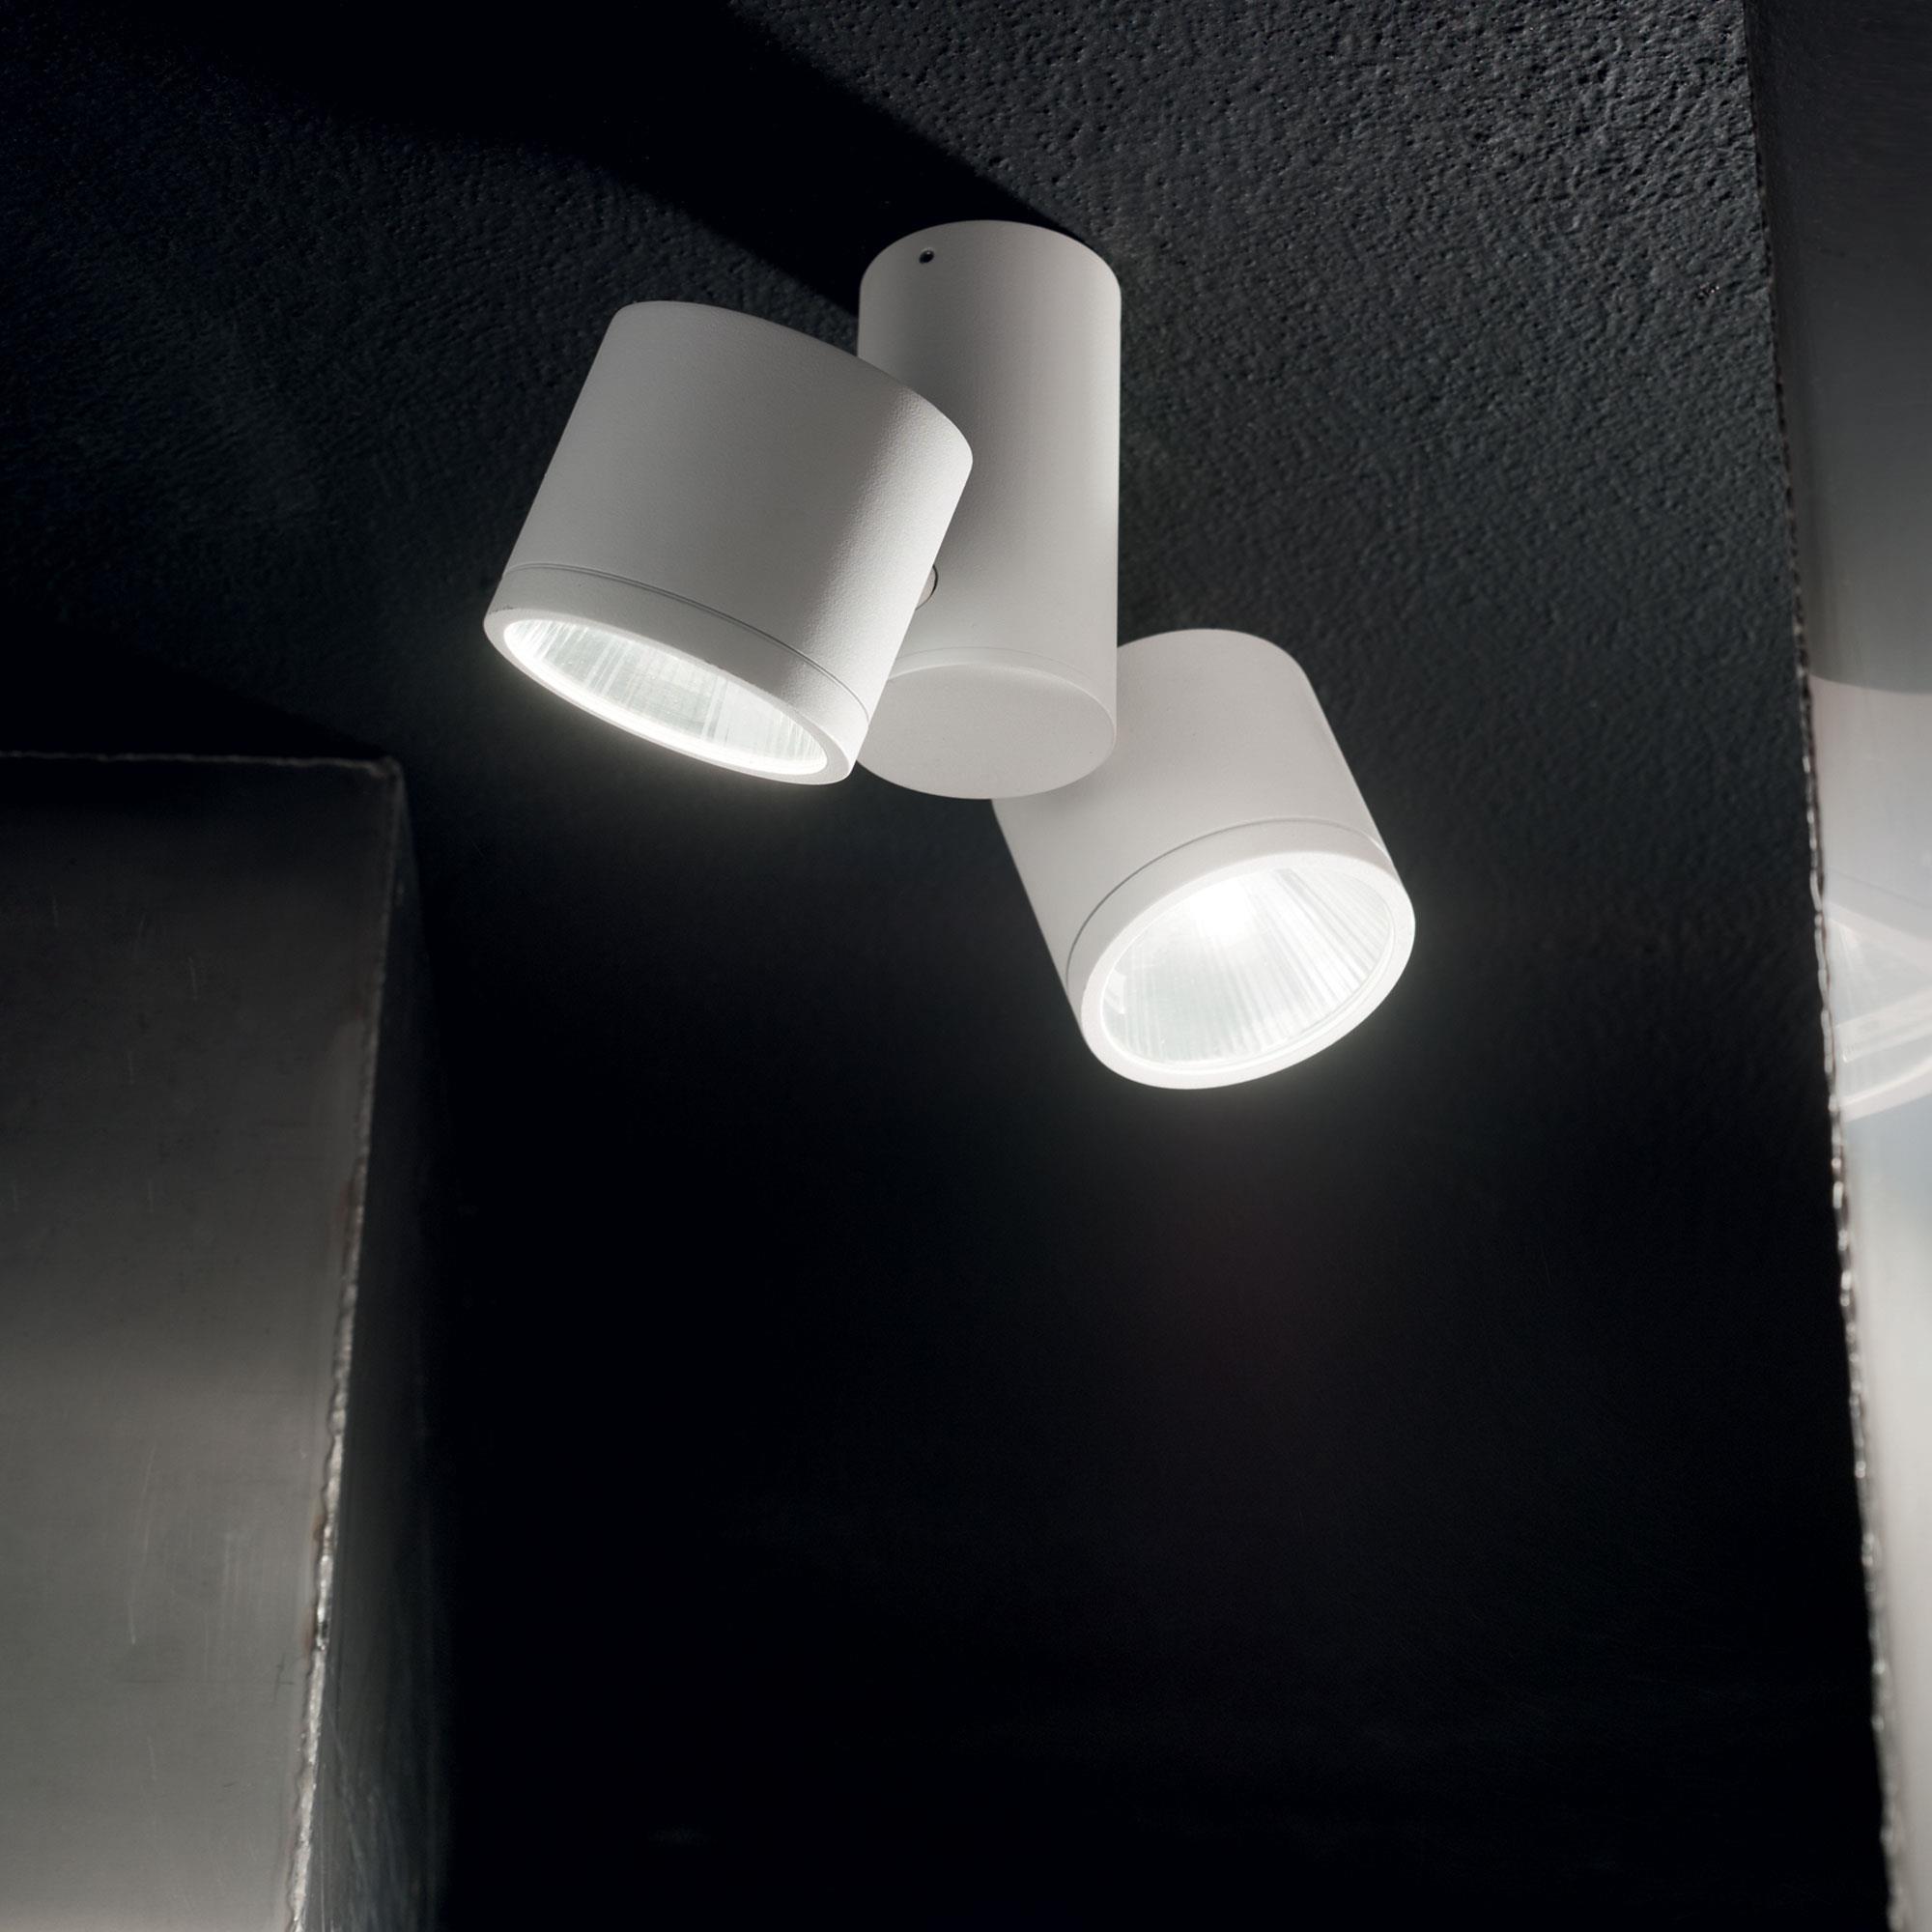 Ideal Lux 161853 SUNGLASSES PL2 BIANCO LED kültéri mennyezeti lámpa